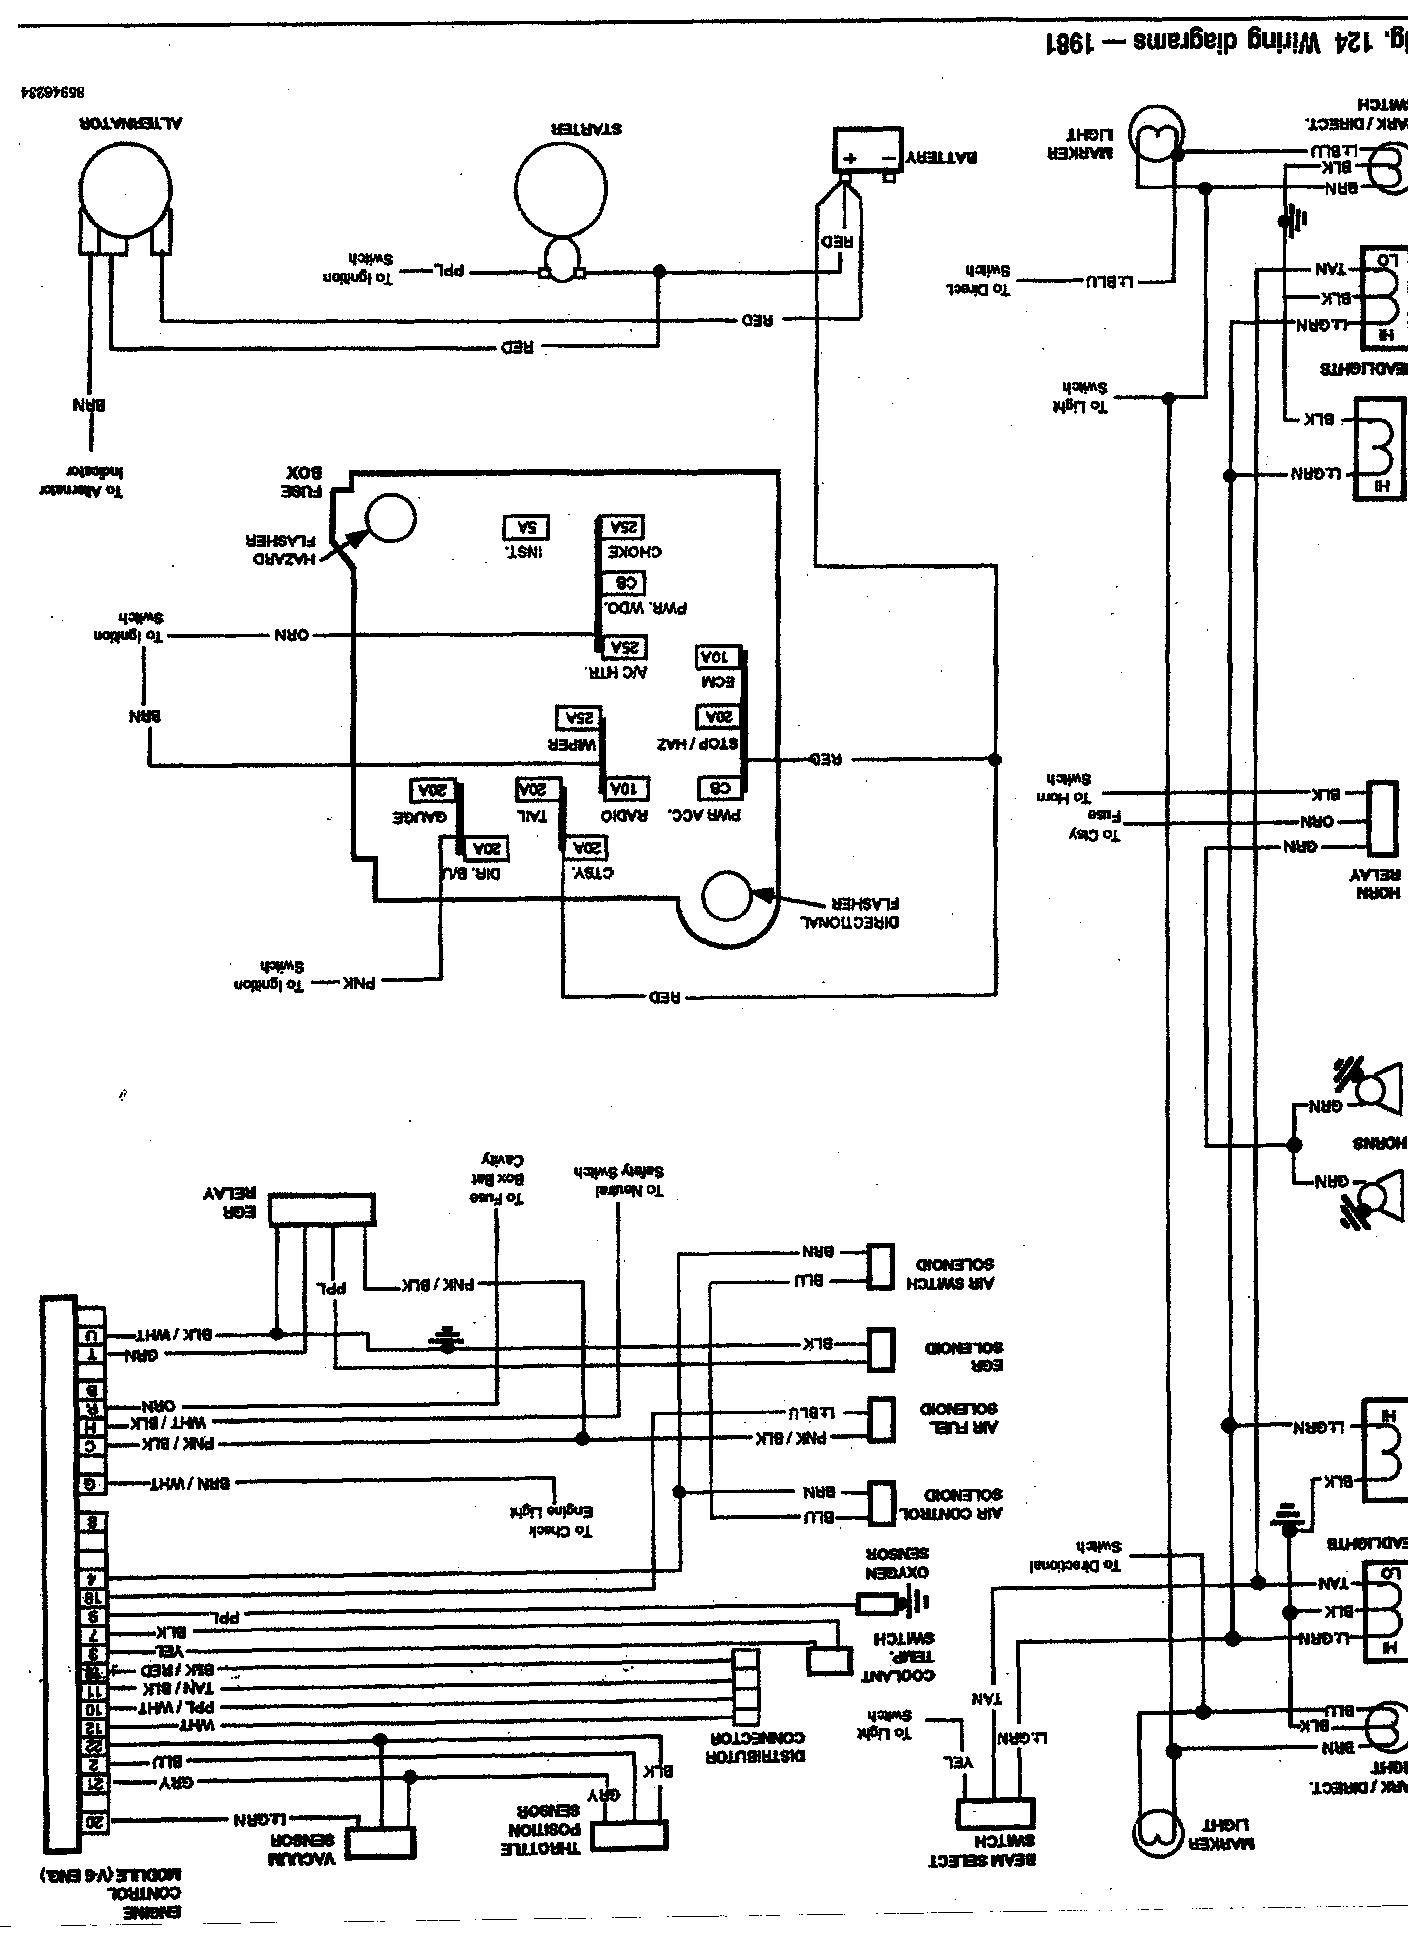 1987 El Camino Radio Wiring Diagram Schematic